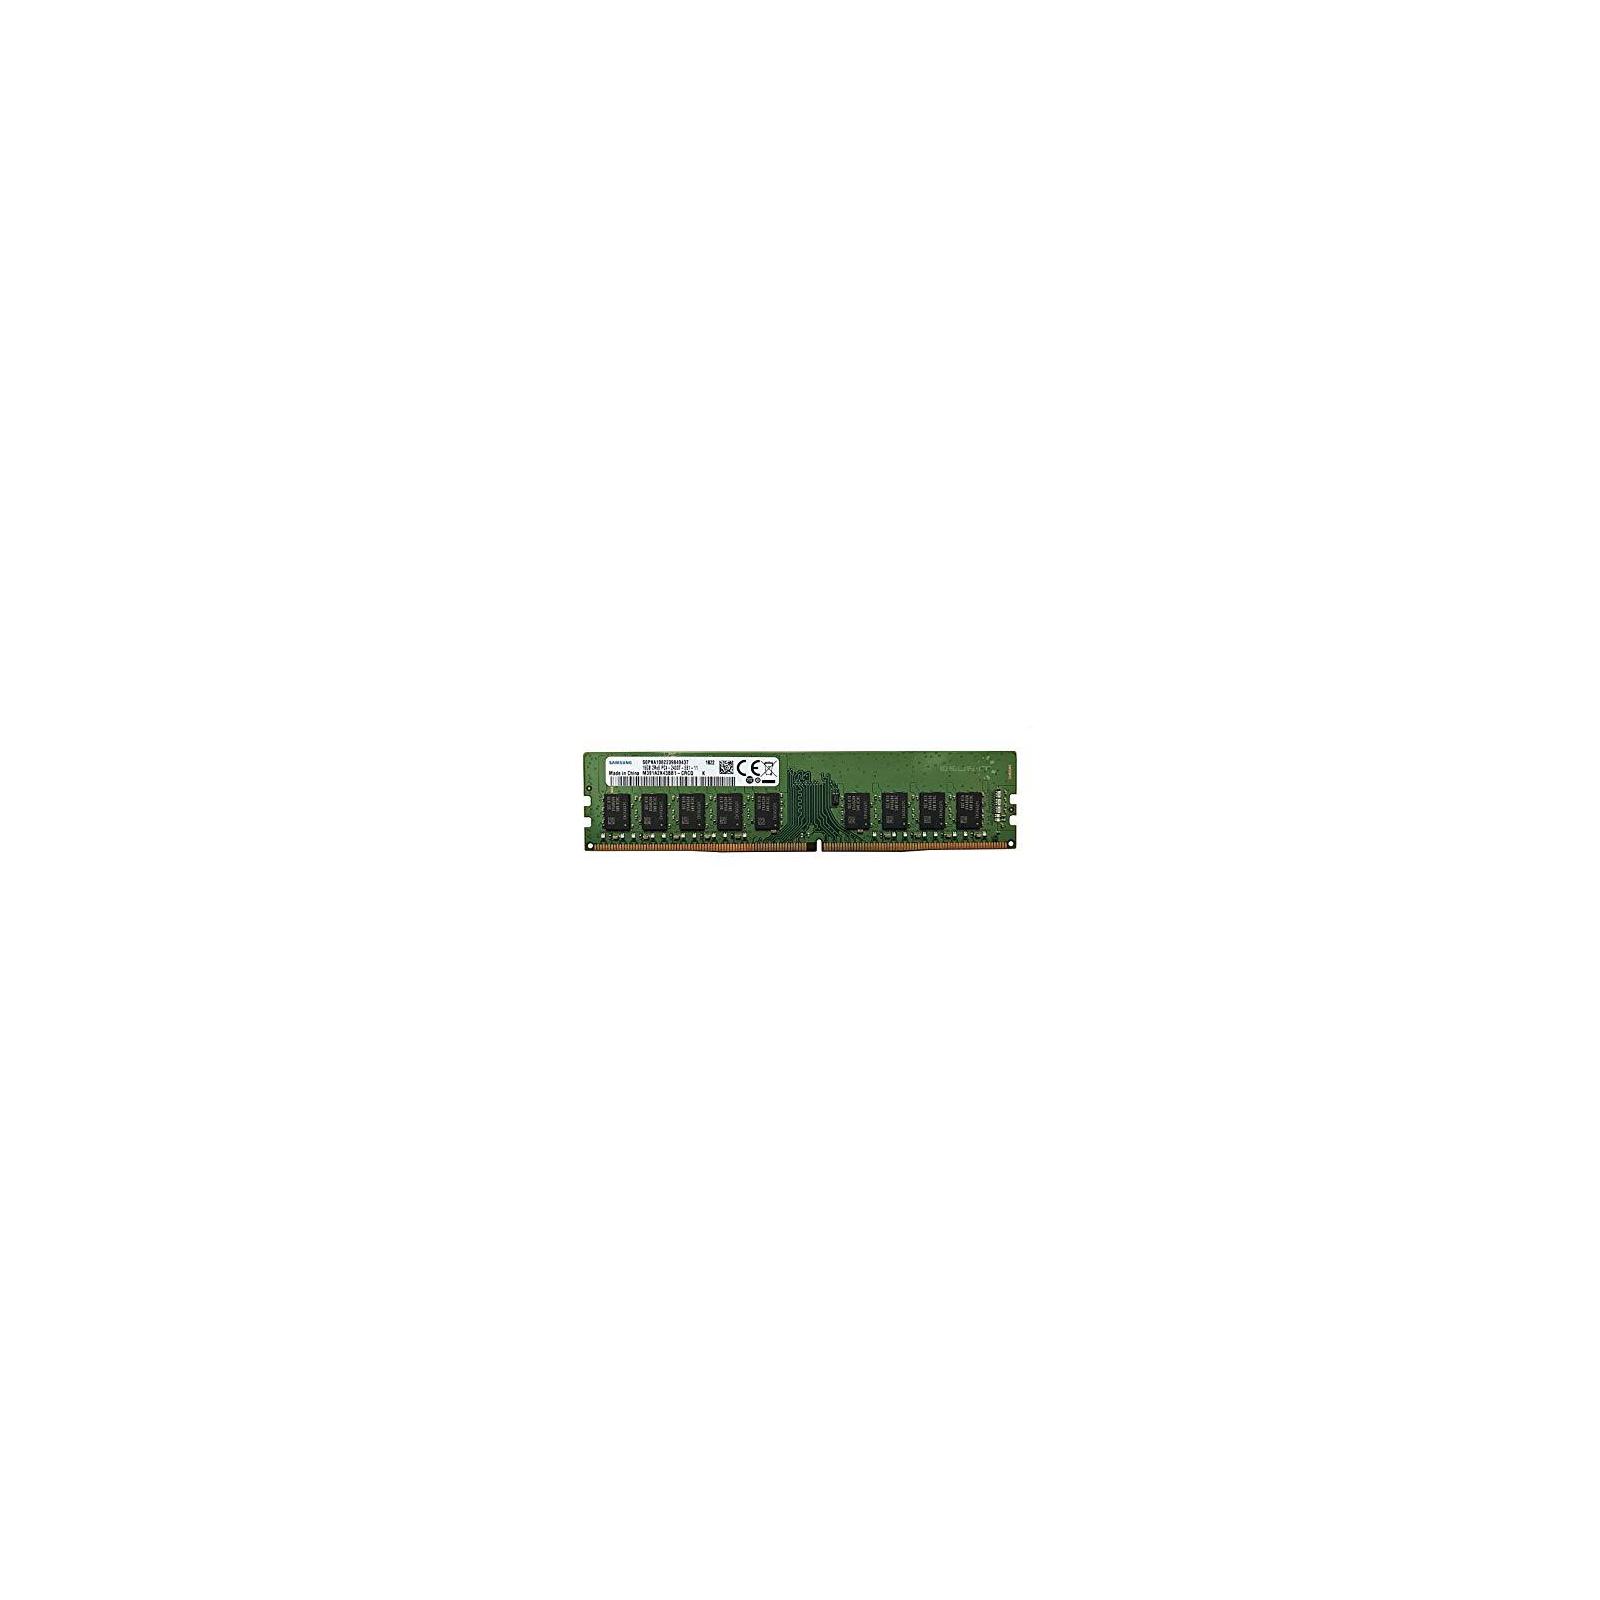 Модуль памяти для сервера DDR4 16GB ECC UDIMM 2666MHz 2Rx8 1.2V CL19 Samsung (M391A2K43BB1-CTD)